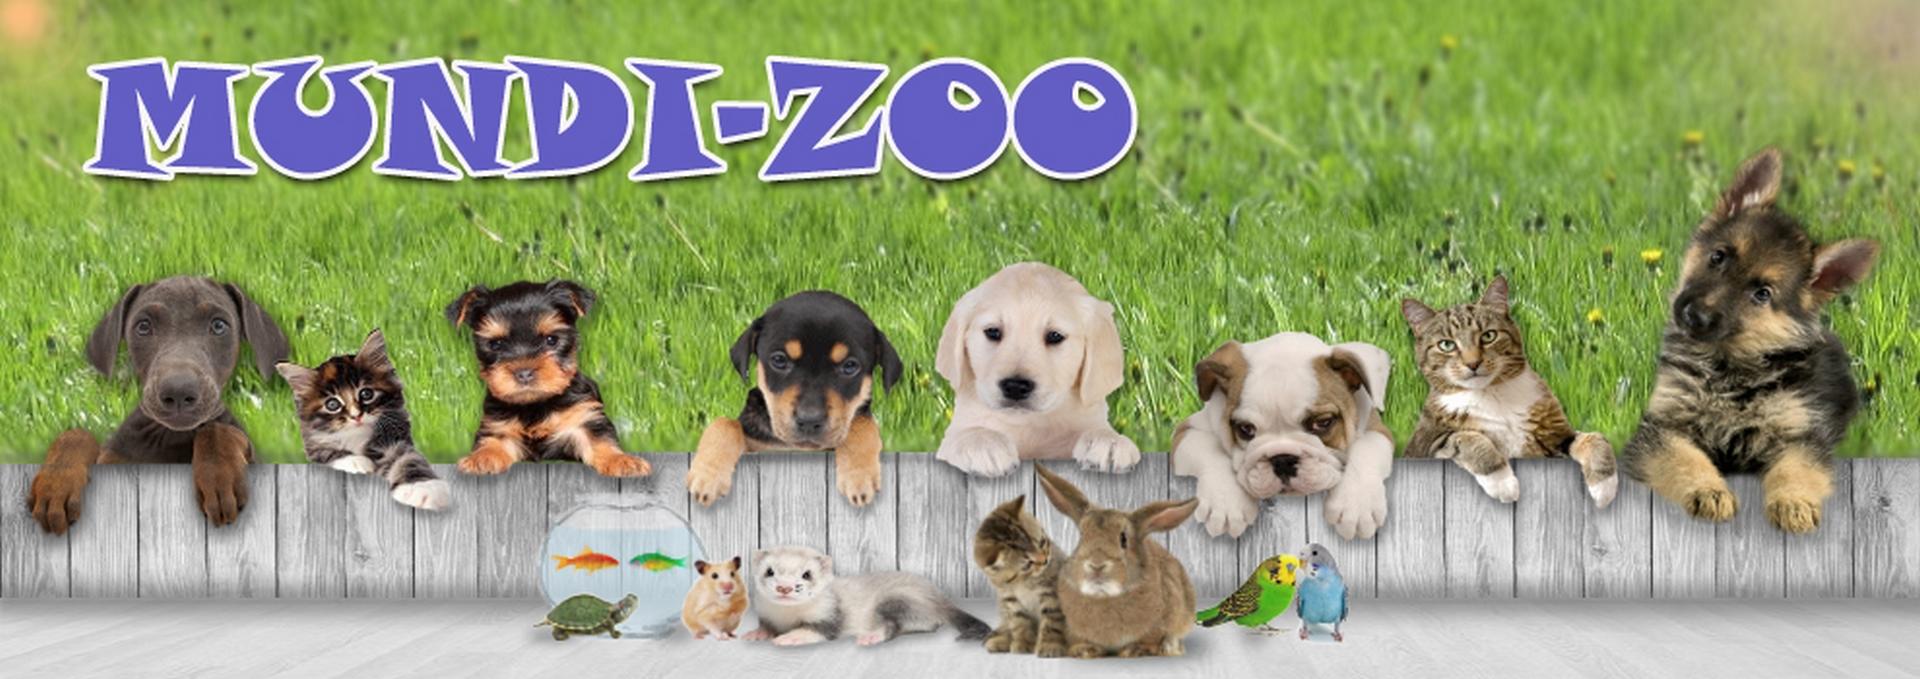 para mascotas cornella baix llobregat, tienda de mascotas cornella baix llobregat,